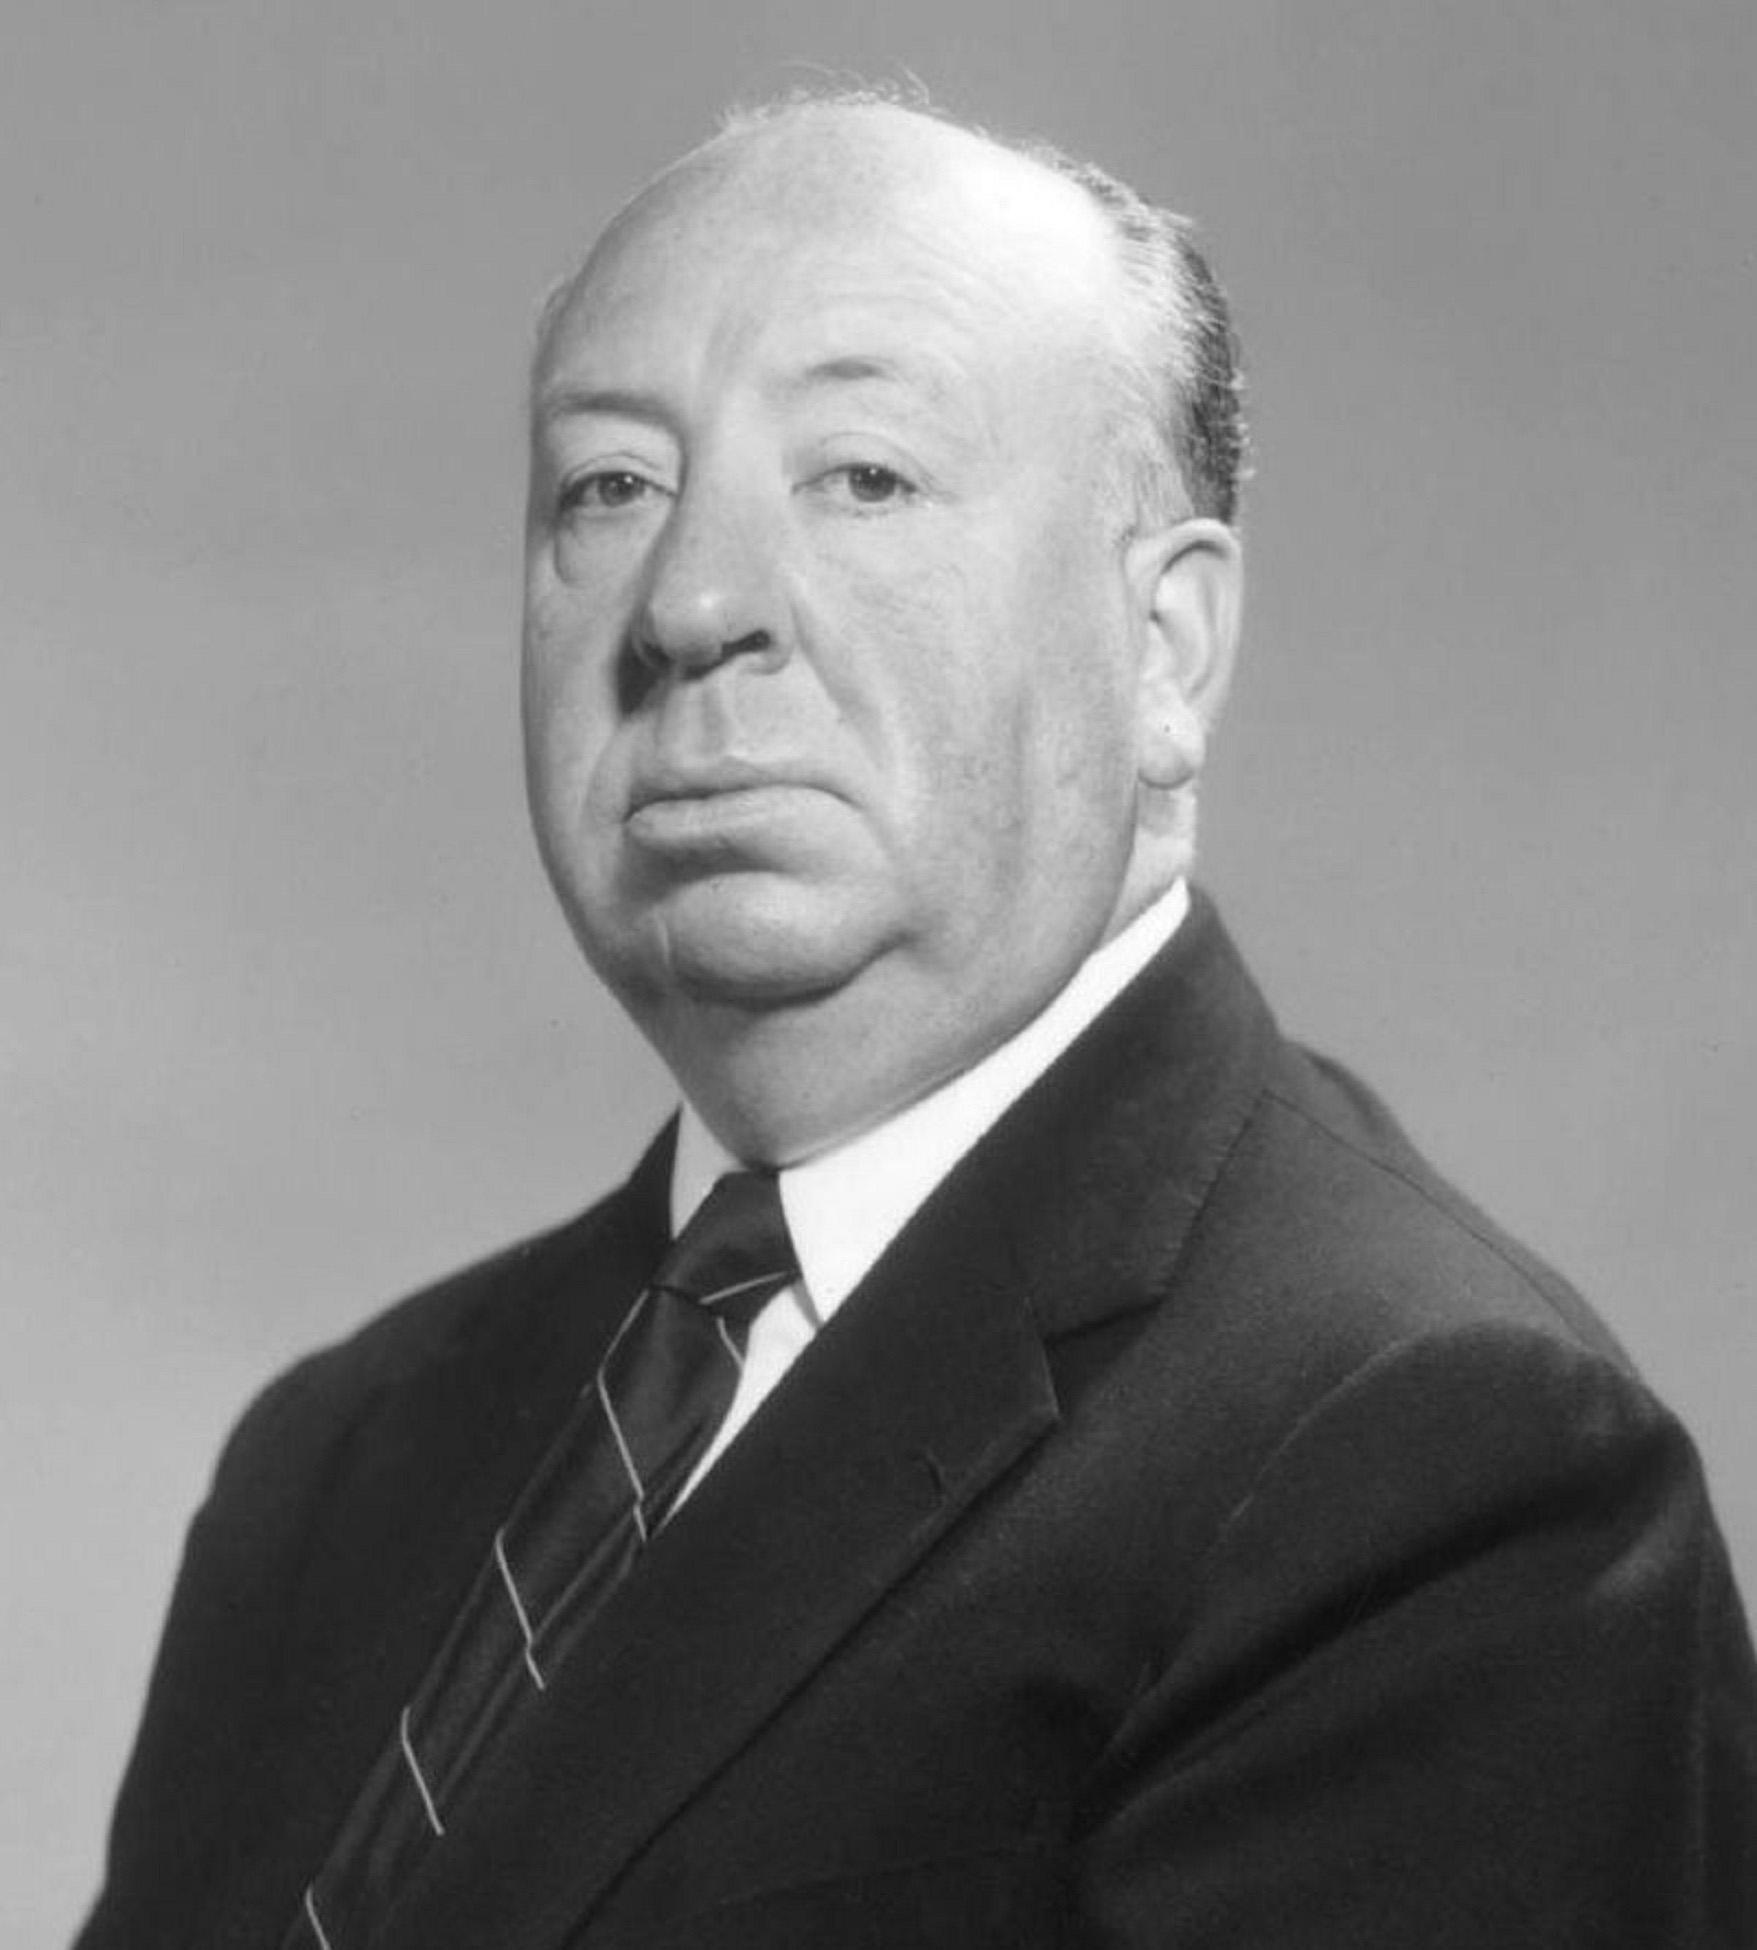 MIS inaugura mega exposição sobre Alfred Hitchcock